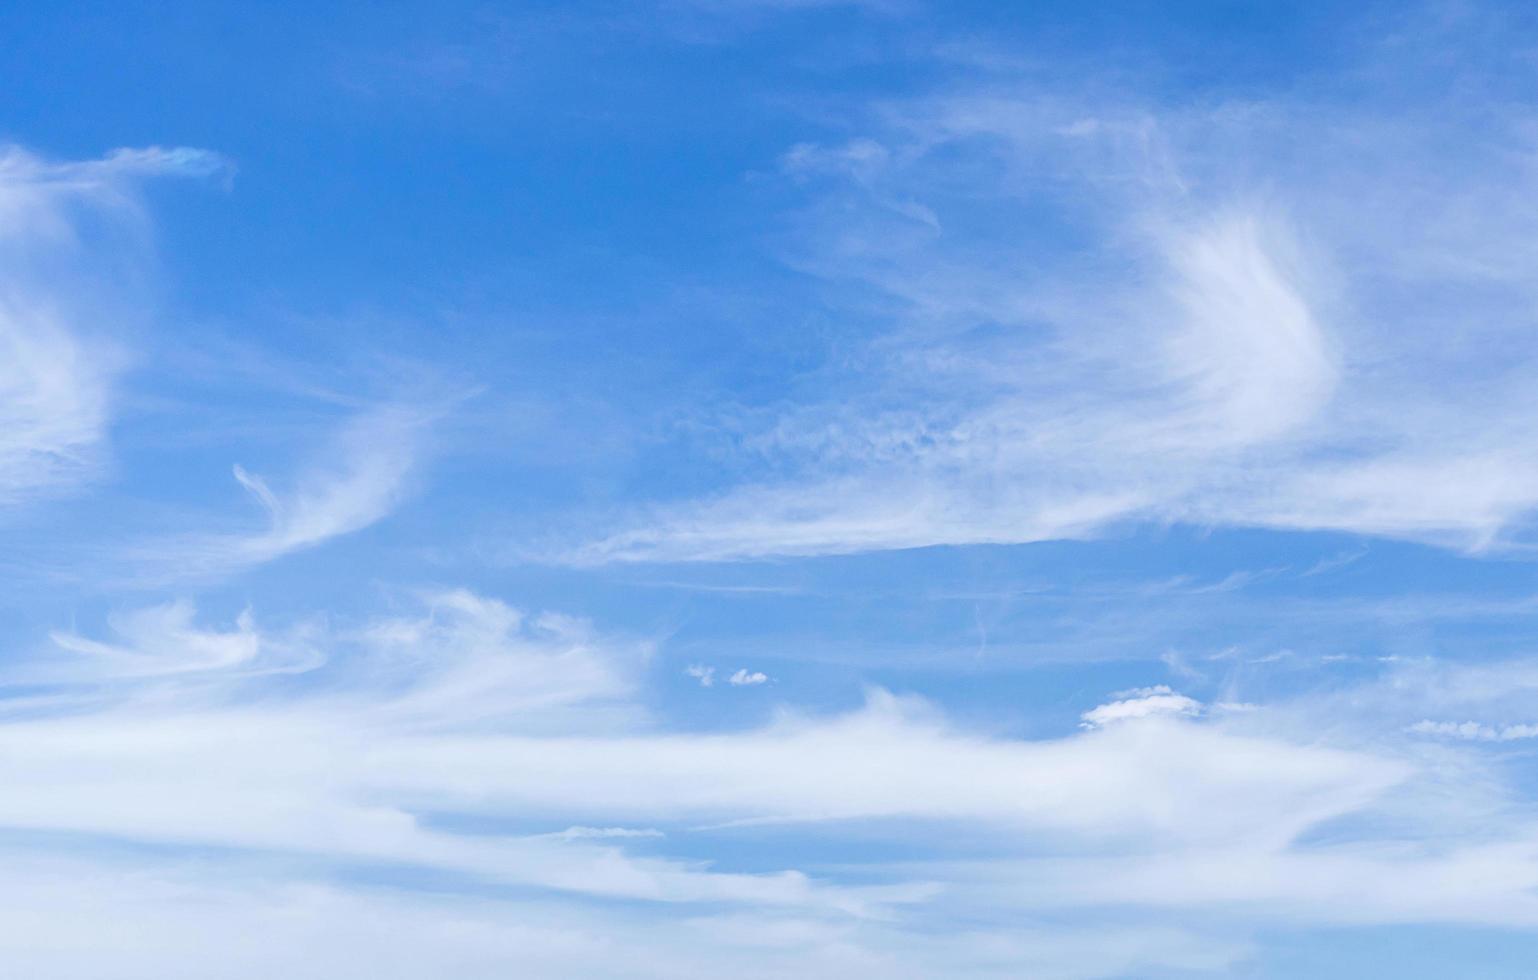 ciel bleu nuageux photo